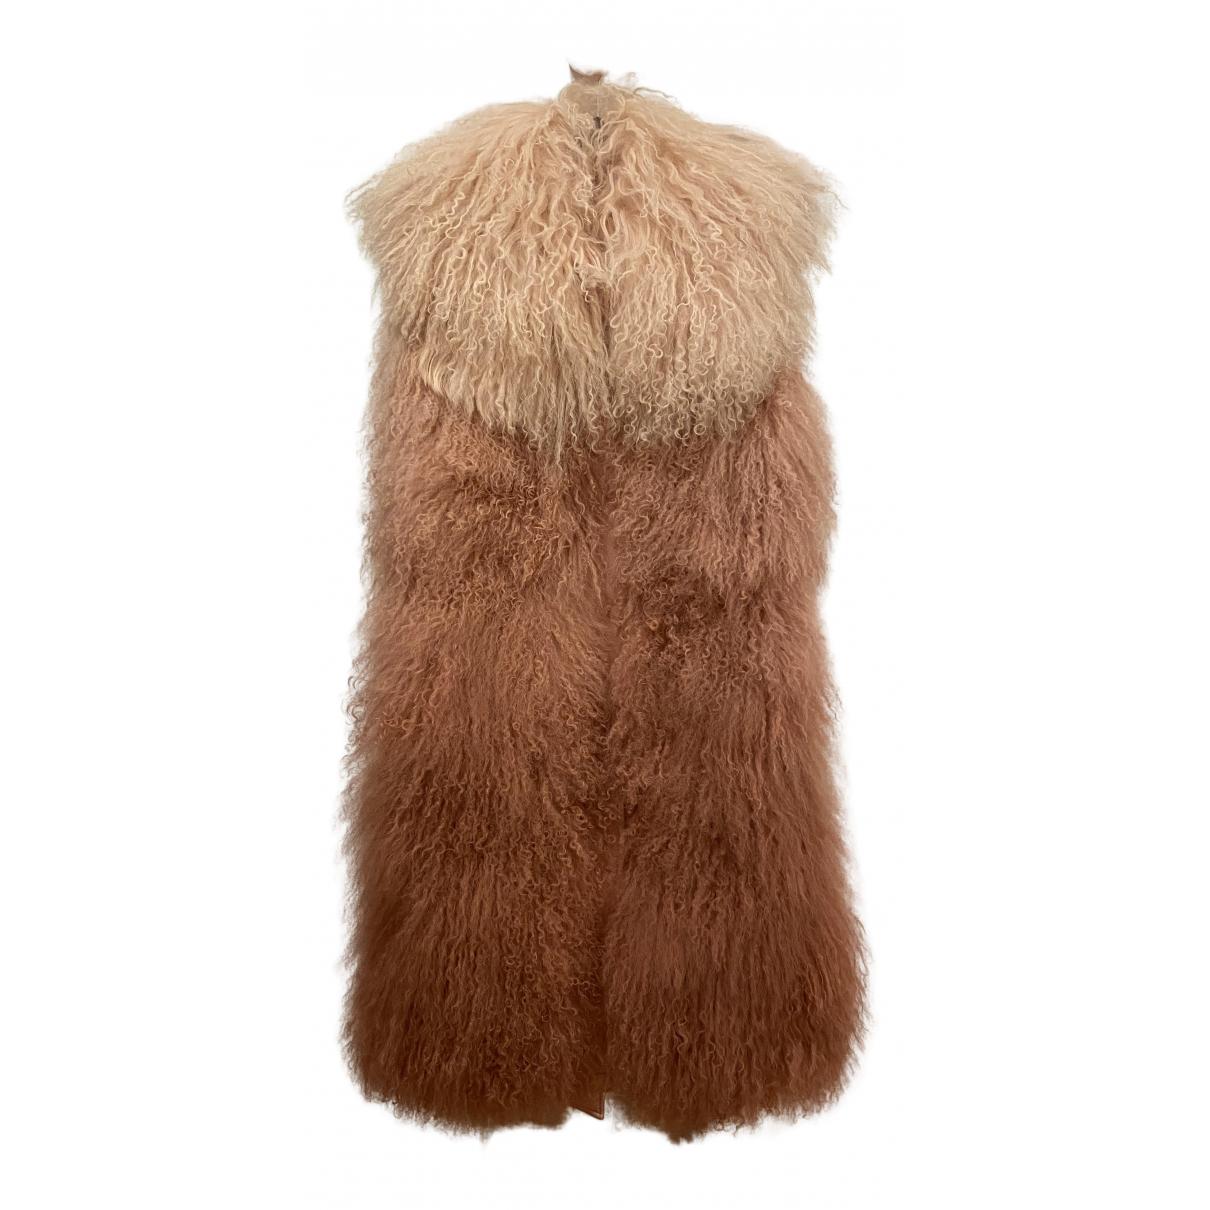 Moncler - Manteau Sleeveless pour femme en agneau de mongolie - rose